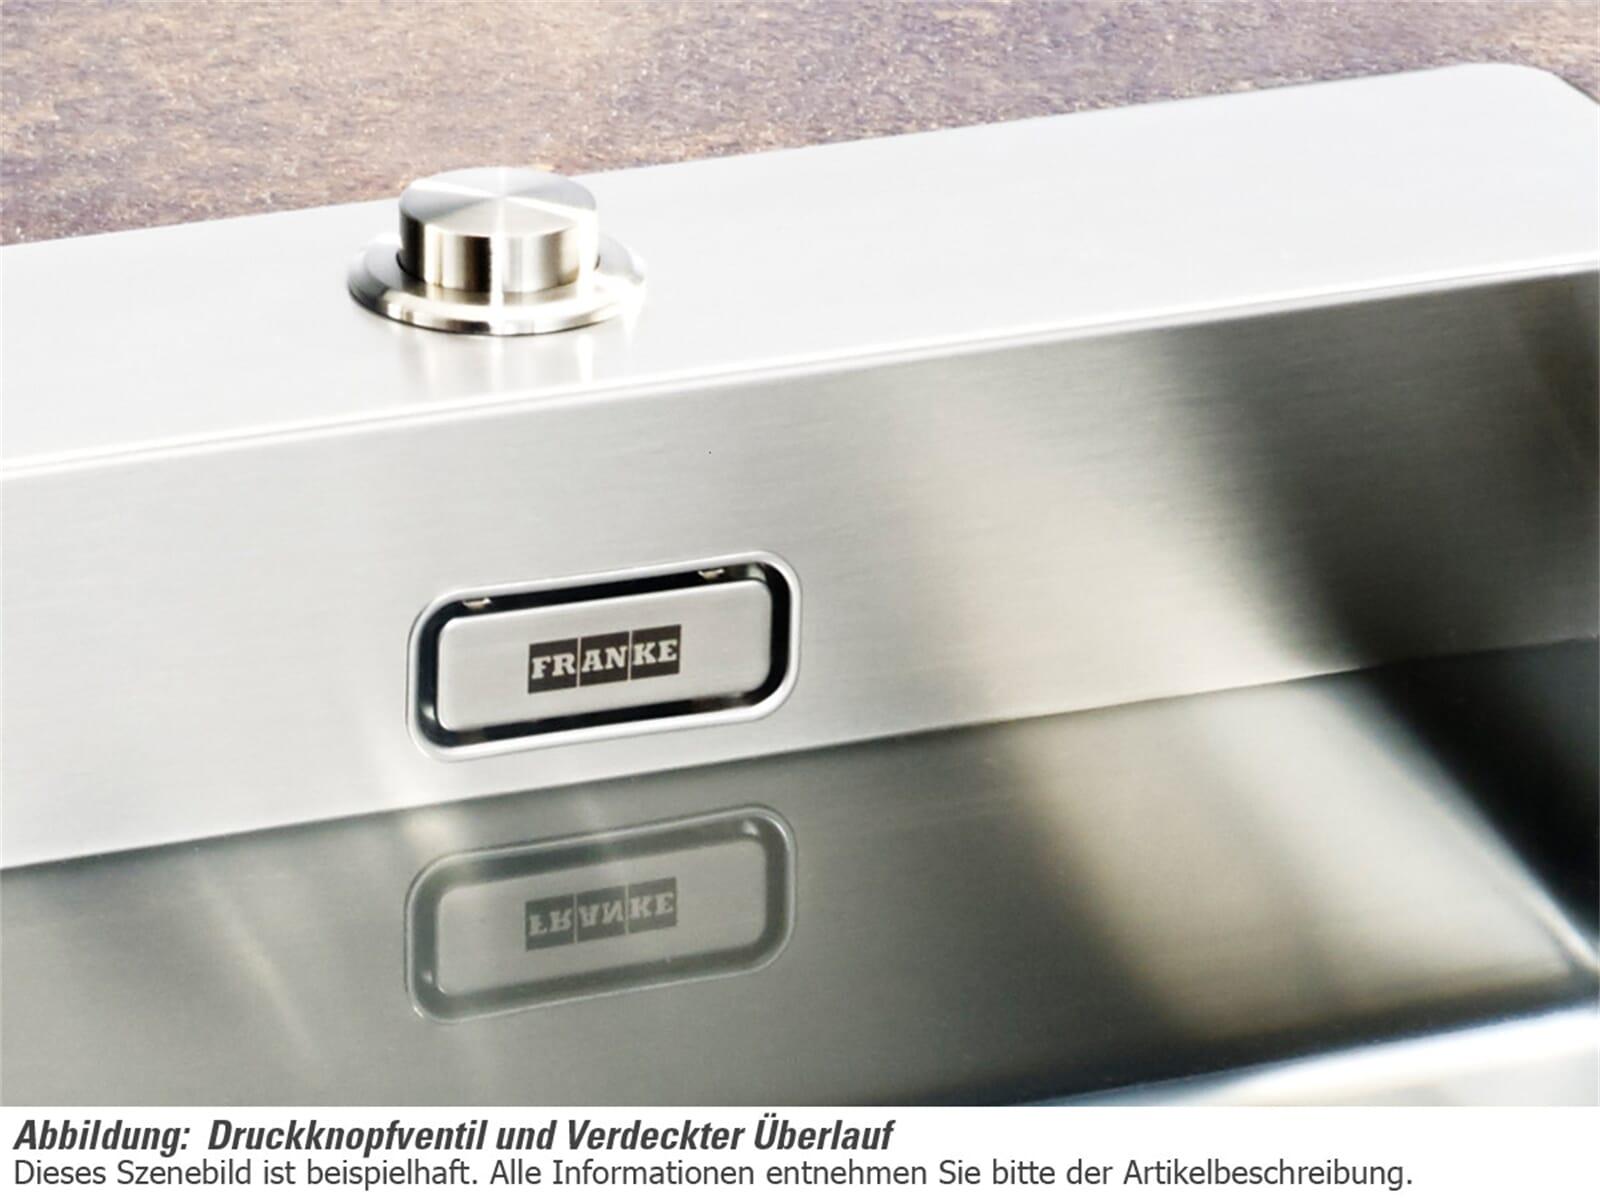 Franke Box BXX 210-50 A Edelstahlspüle glatt - 127.0375.342 Auflage/ Flächenbündig